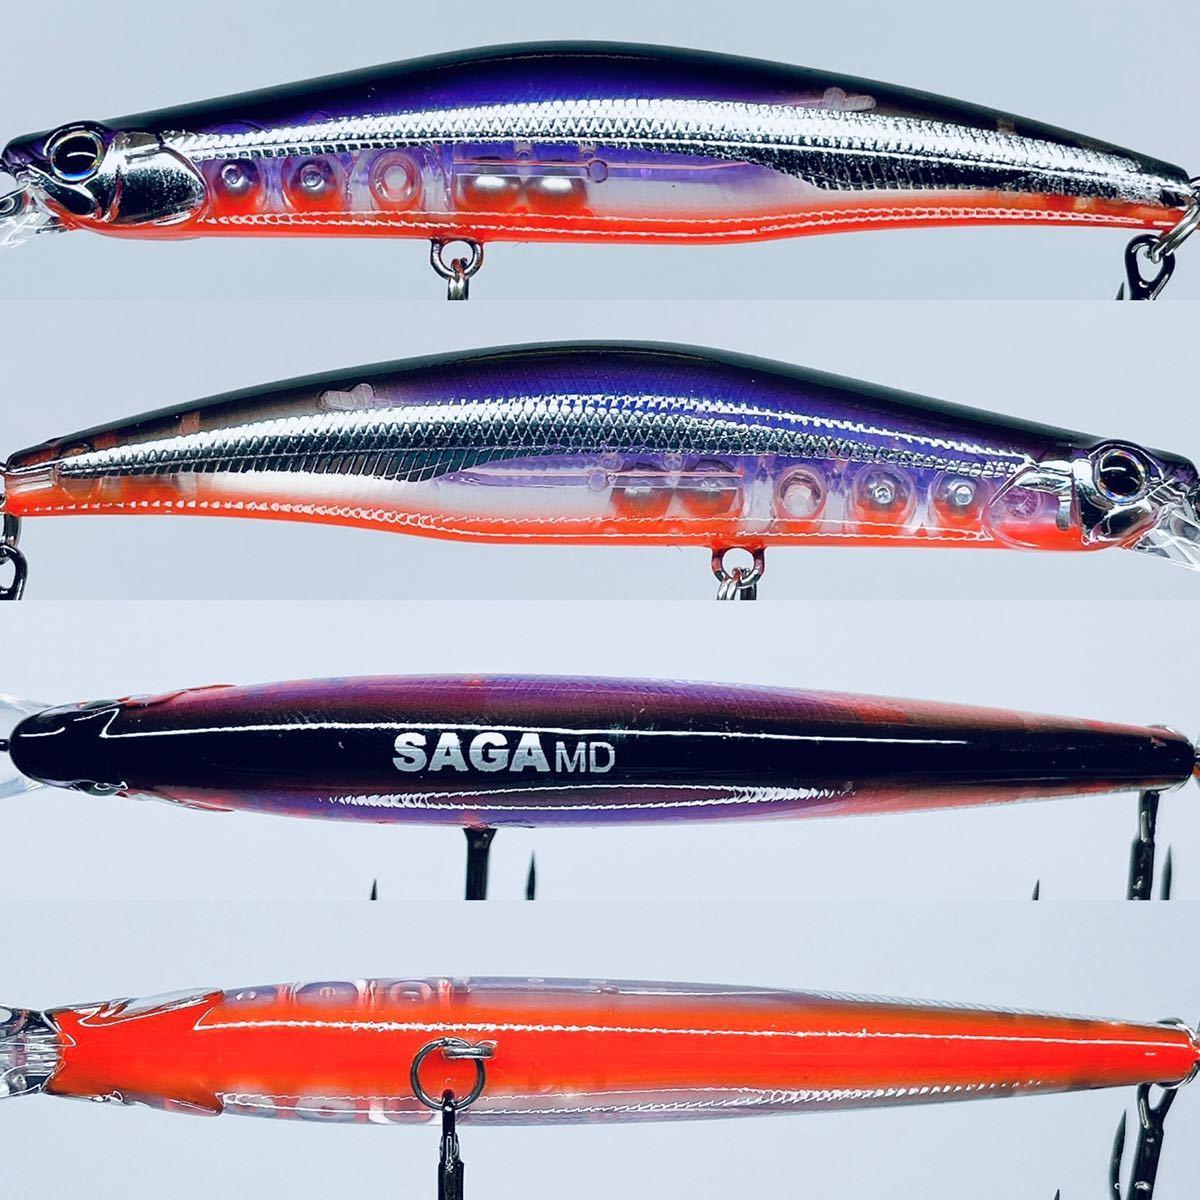 デップ東京 サーガ 80 MD オレンジベリー 検索) 琵琶湖 SAGA DEPP TOKYO デッピー_画像3